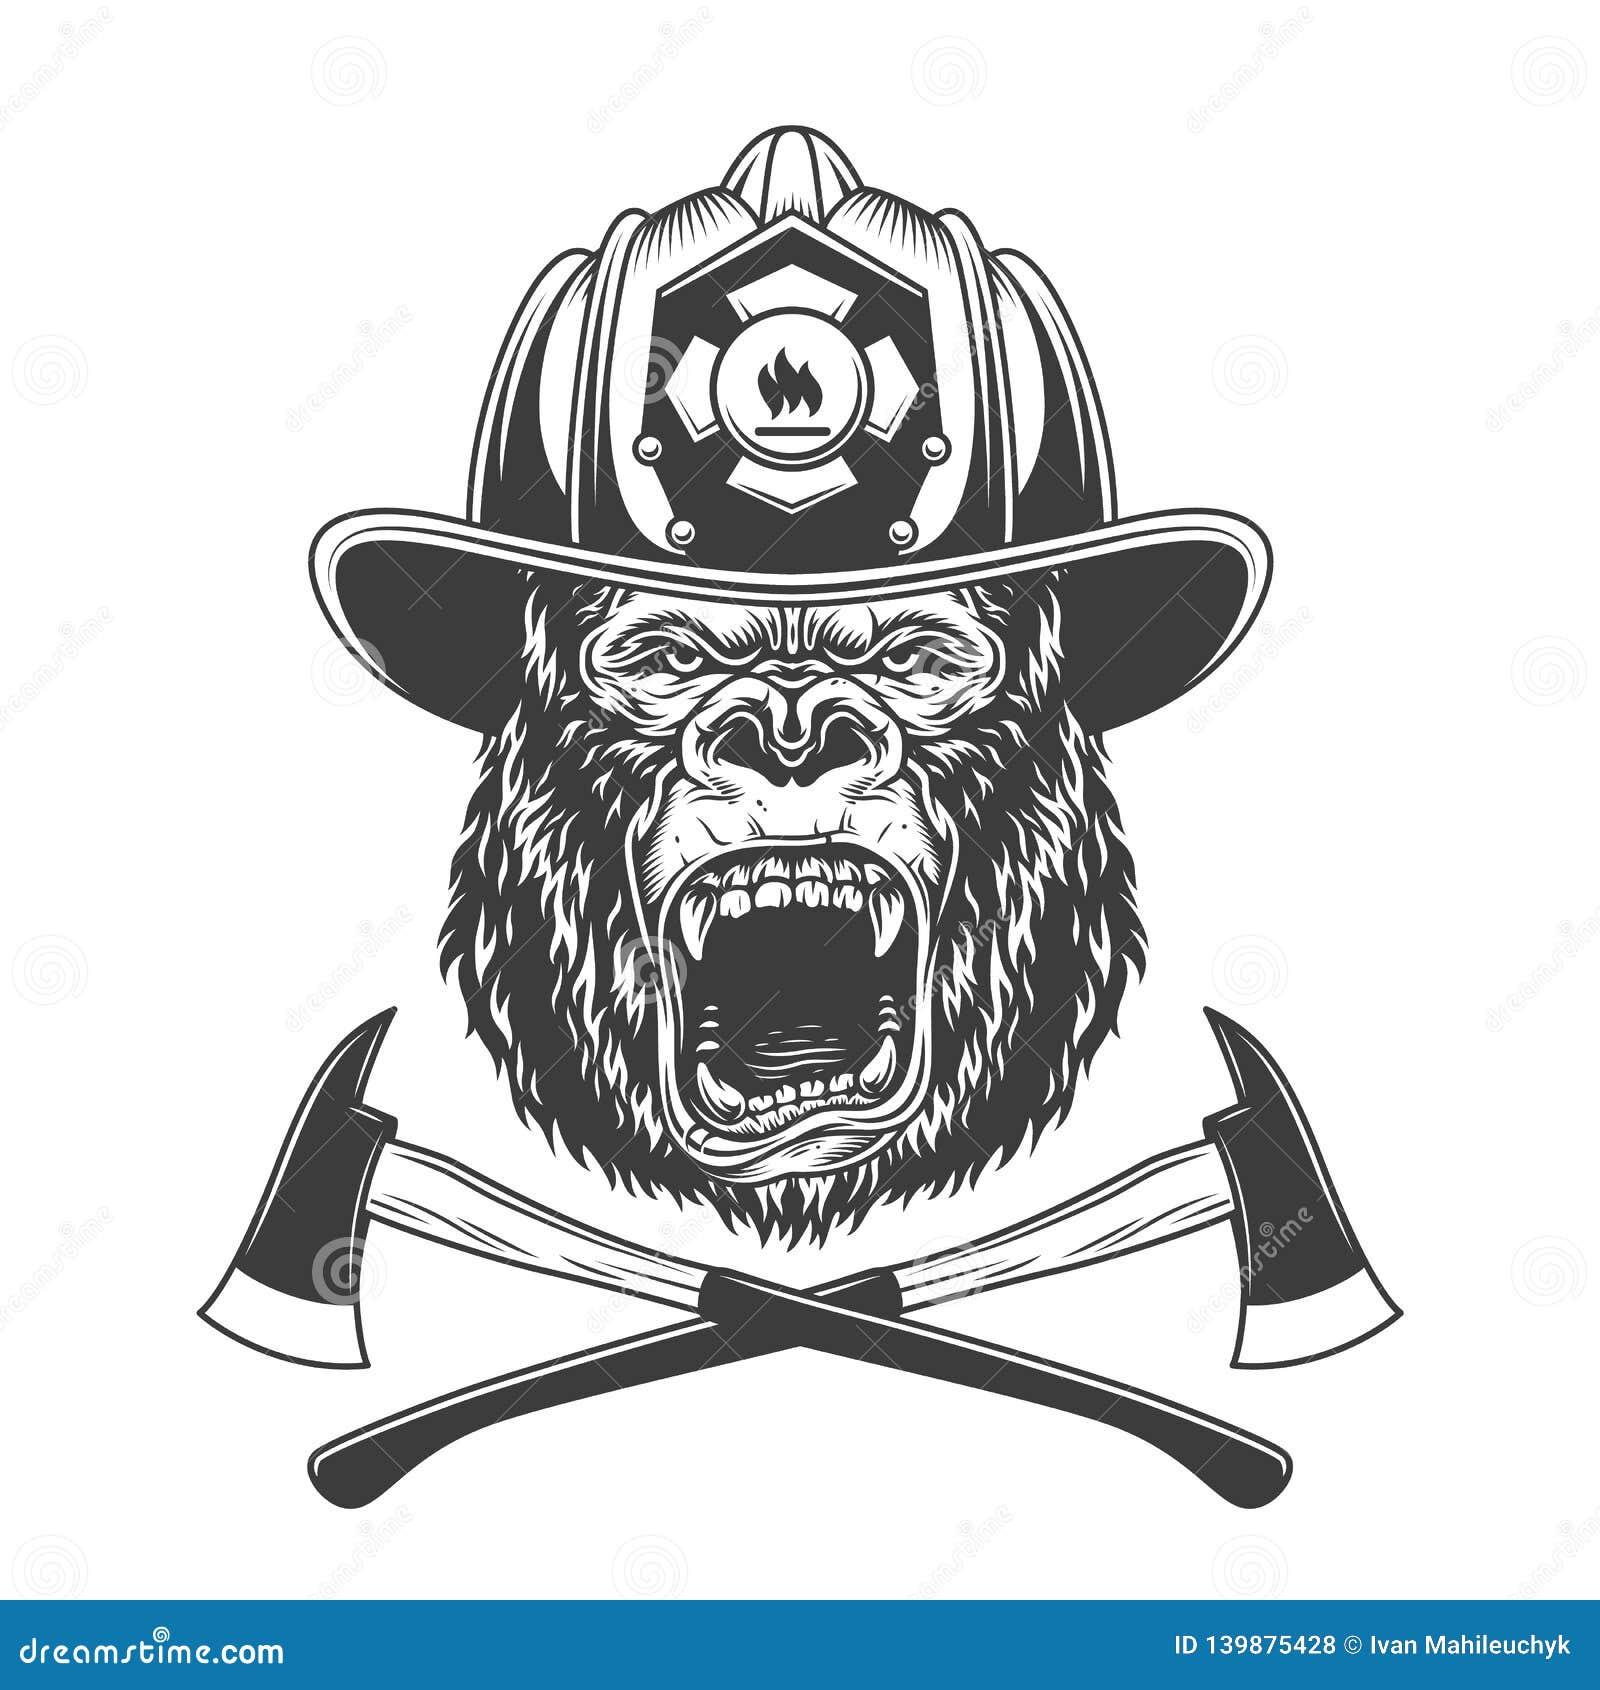 Ferocious gorilla head in firefighter helmet